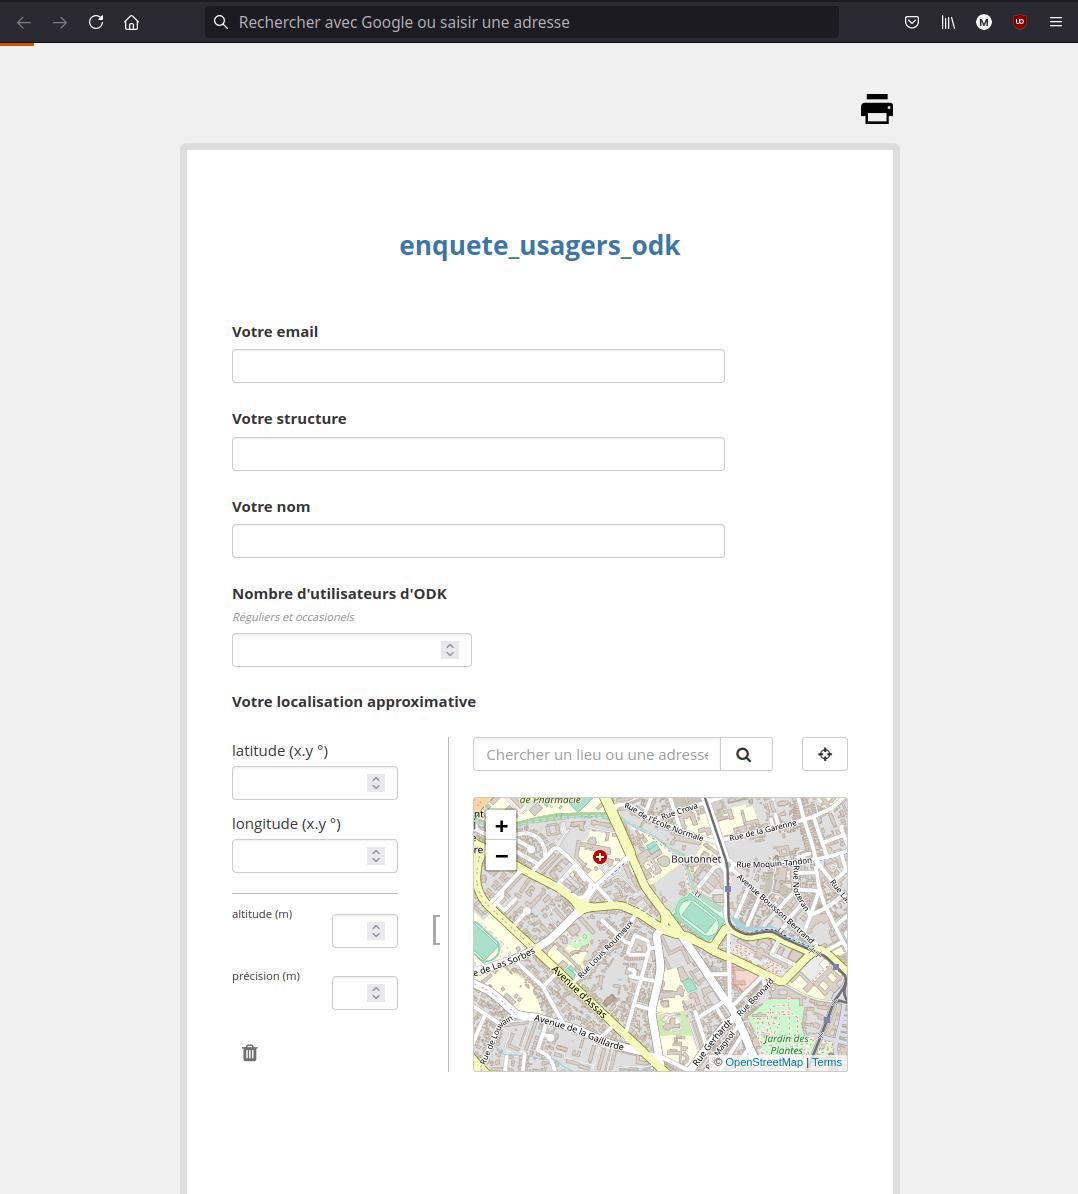 Enketo : formulaire d'enquête sur les usagers d'ODK